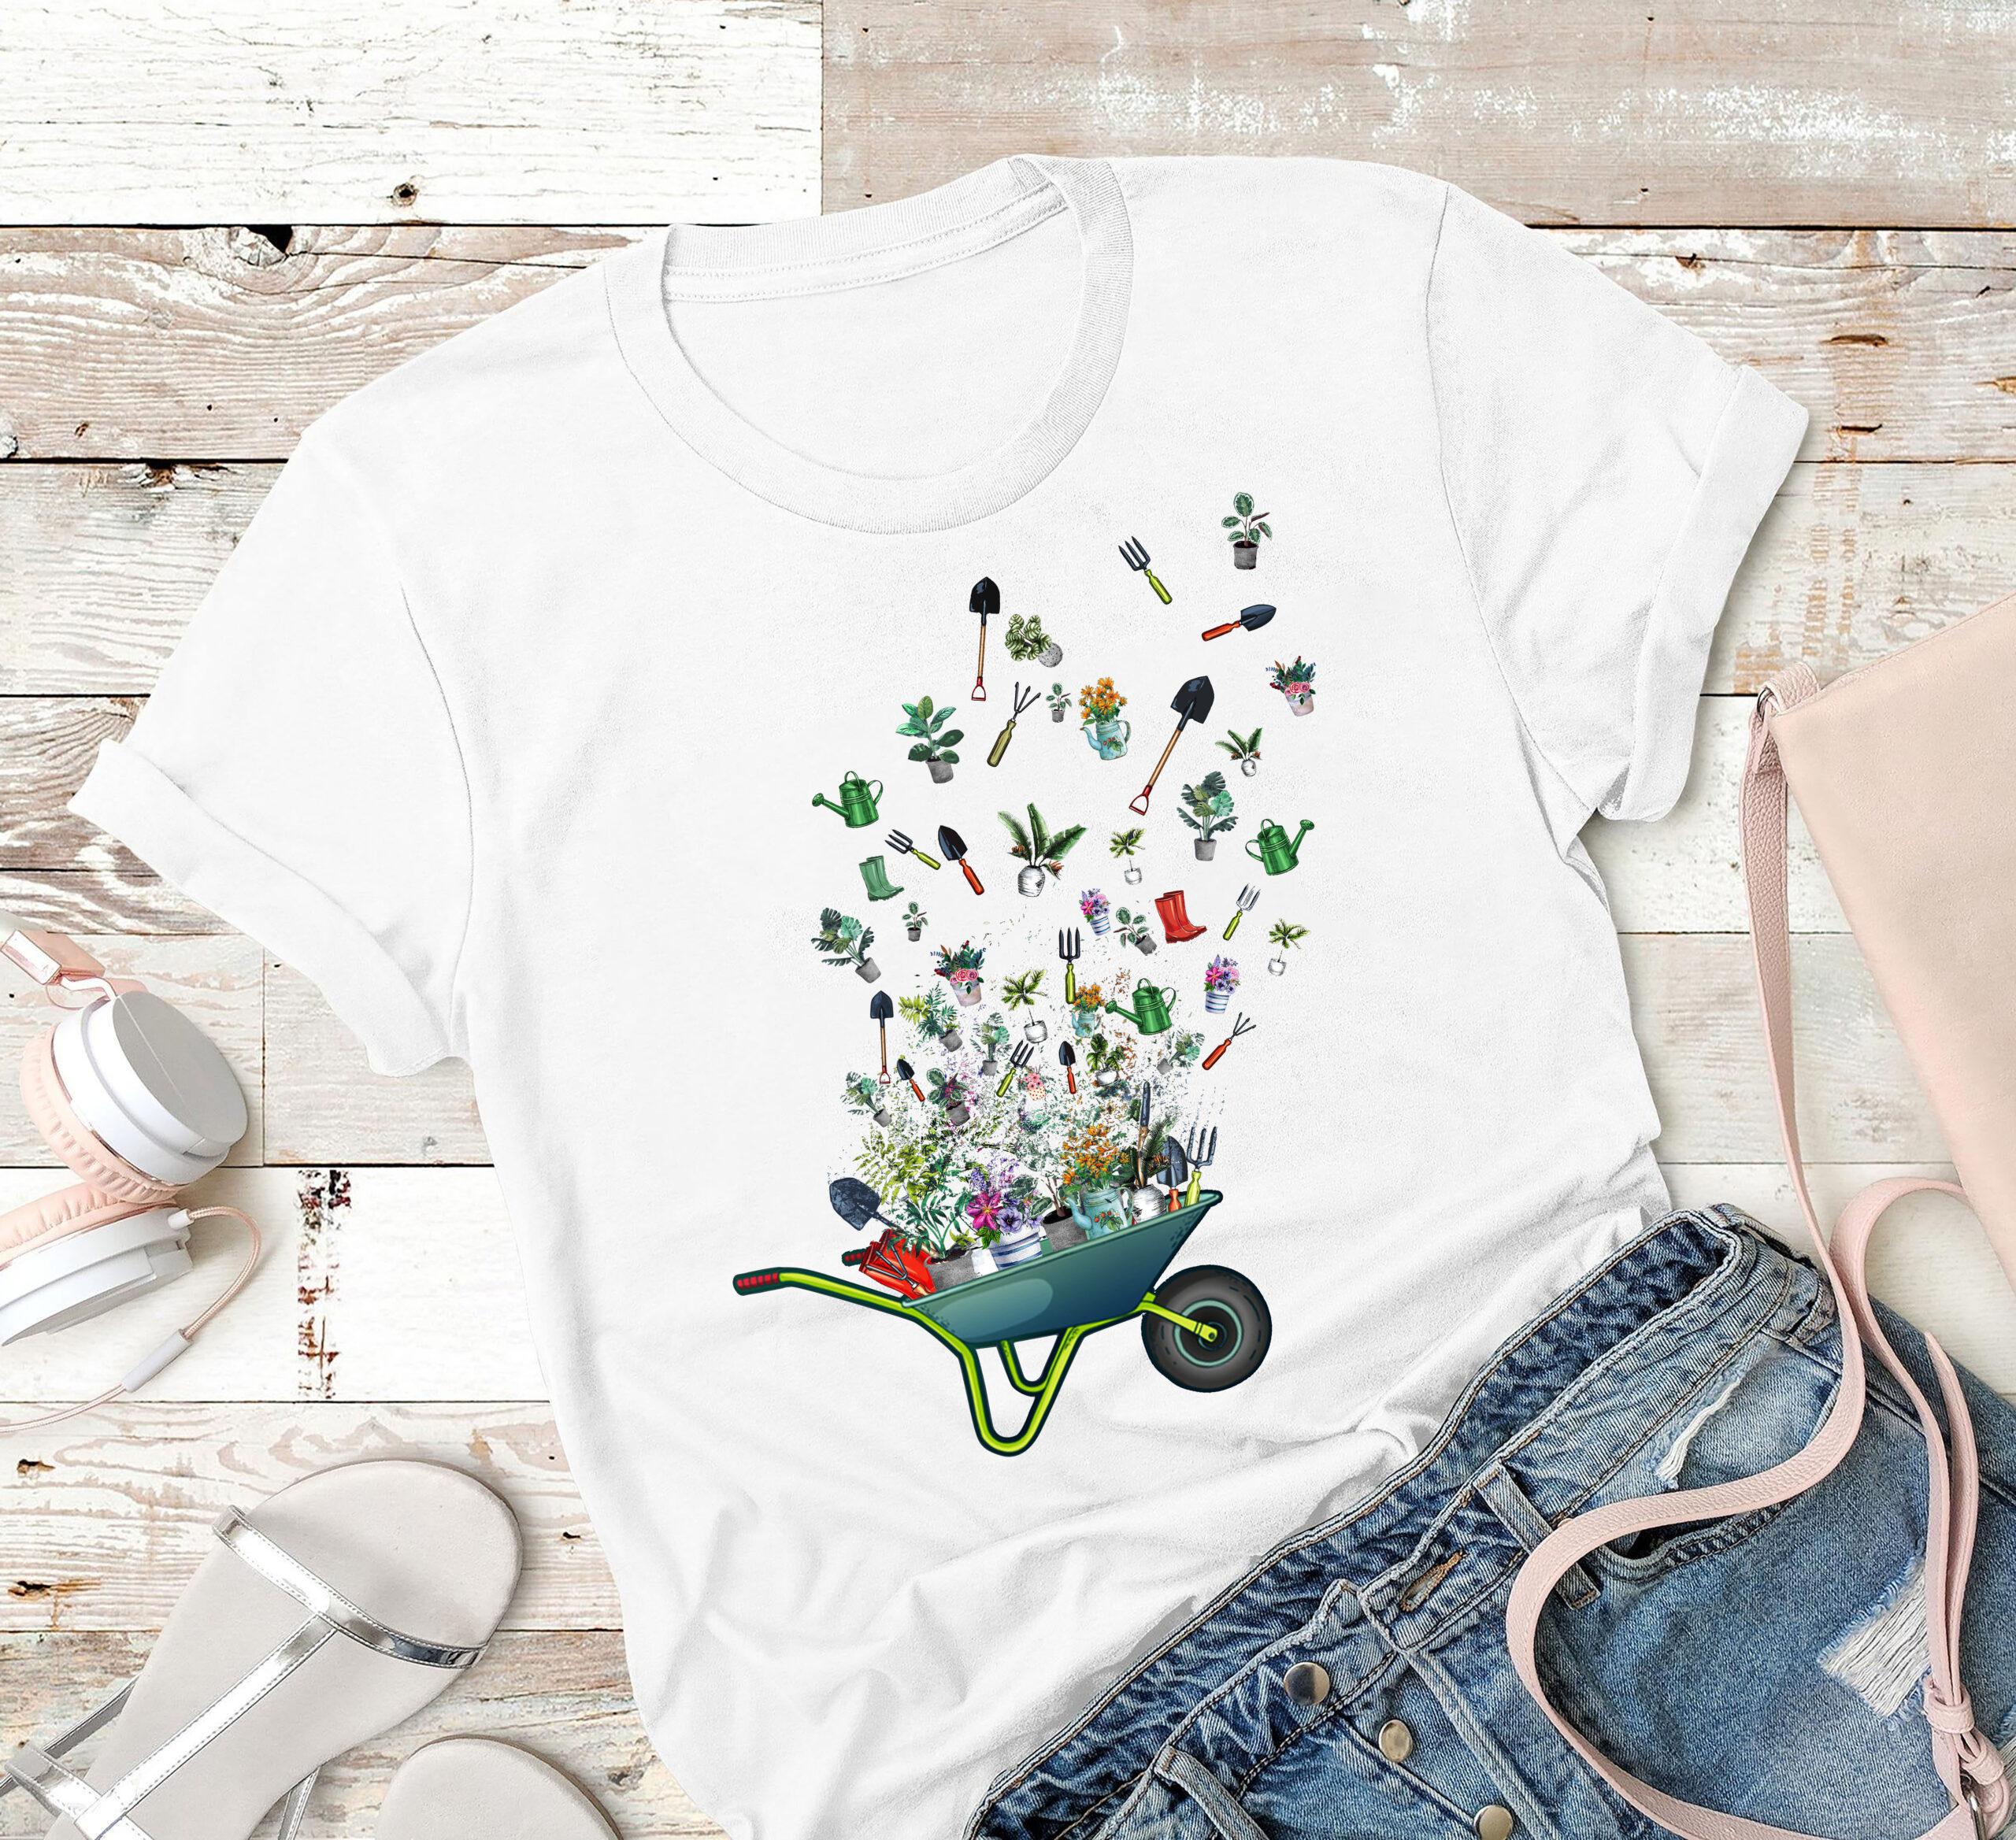 Gardener Shirt Wheelbarrow Gardening Tools Flying